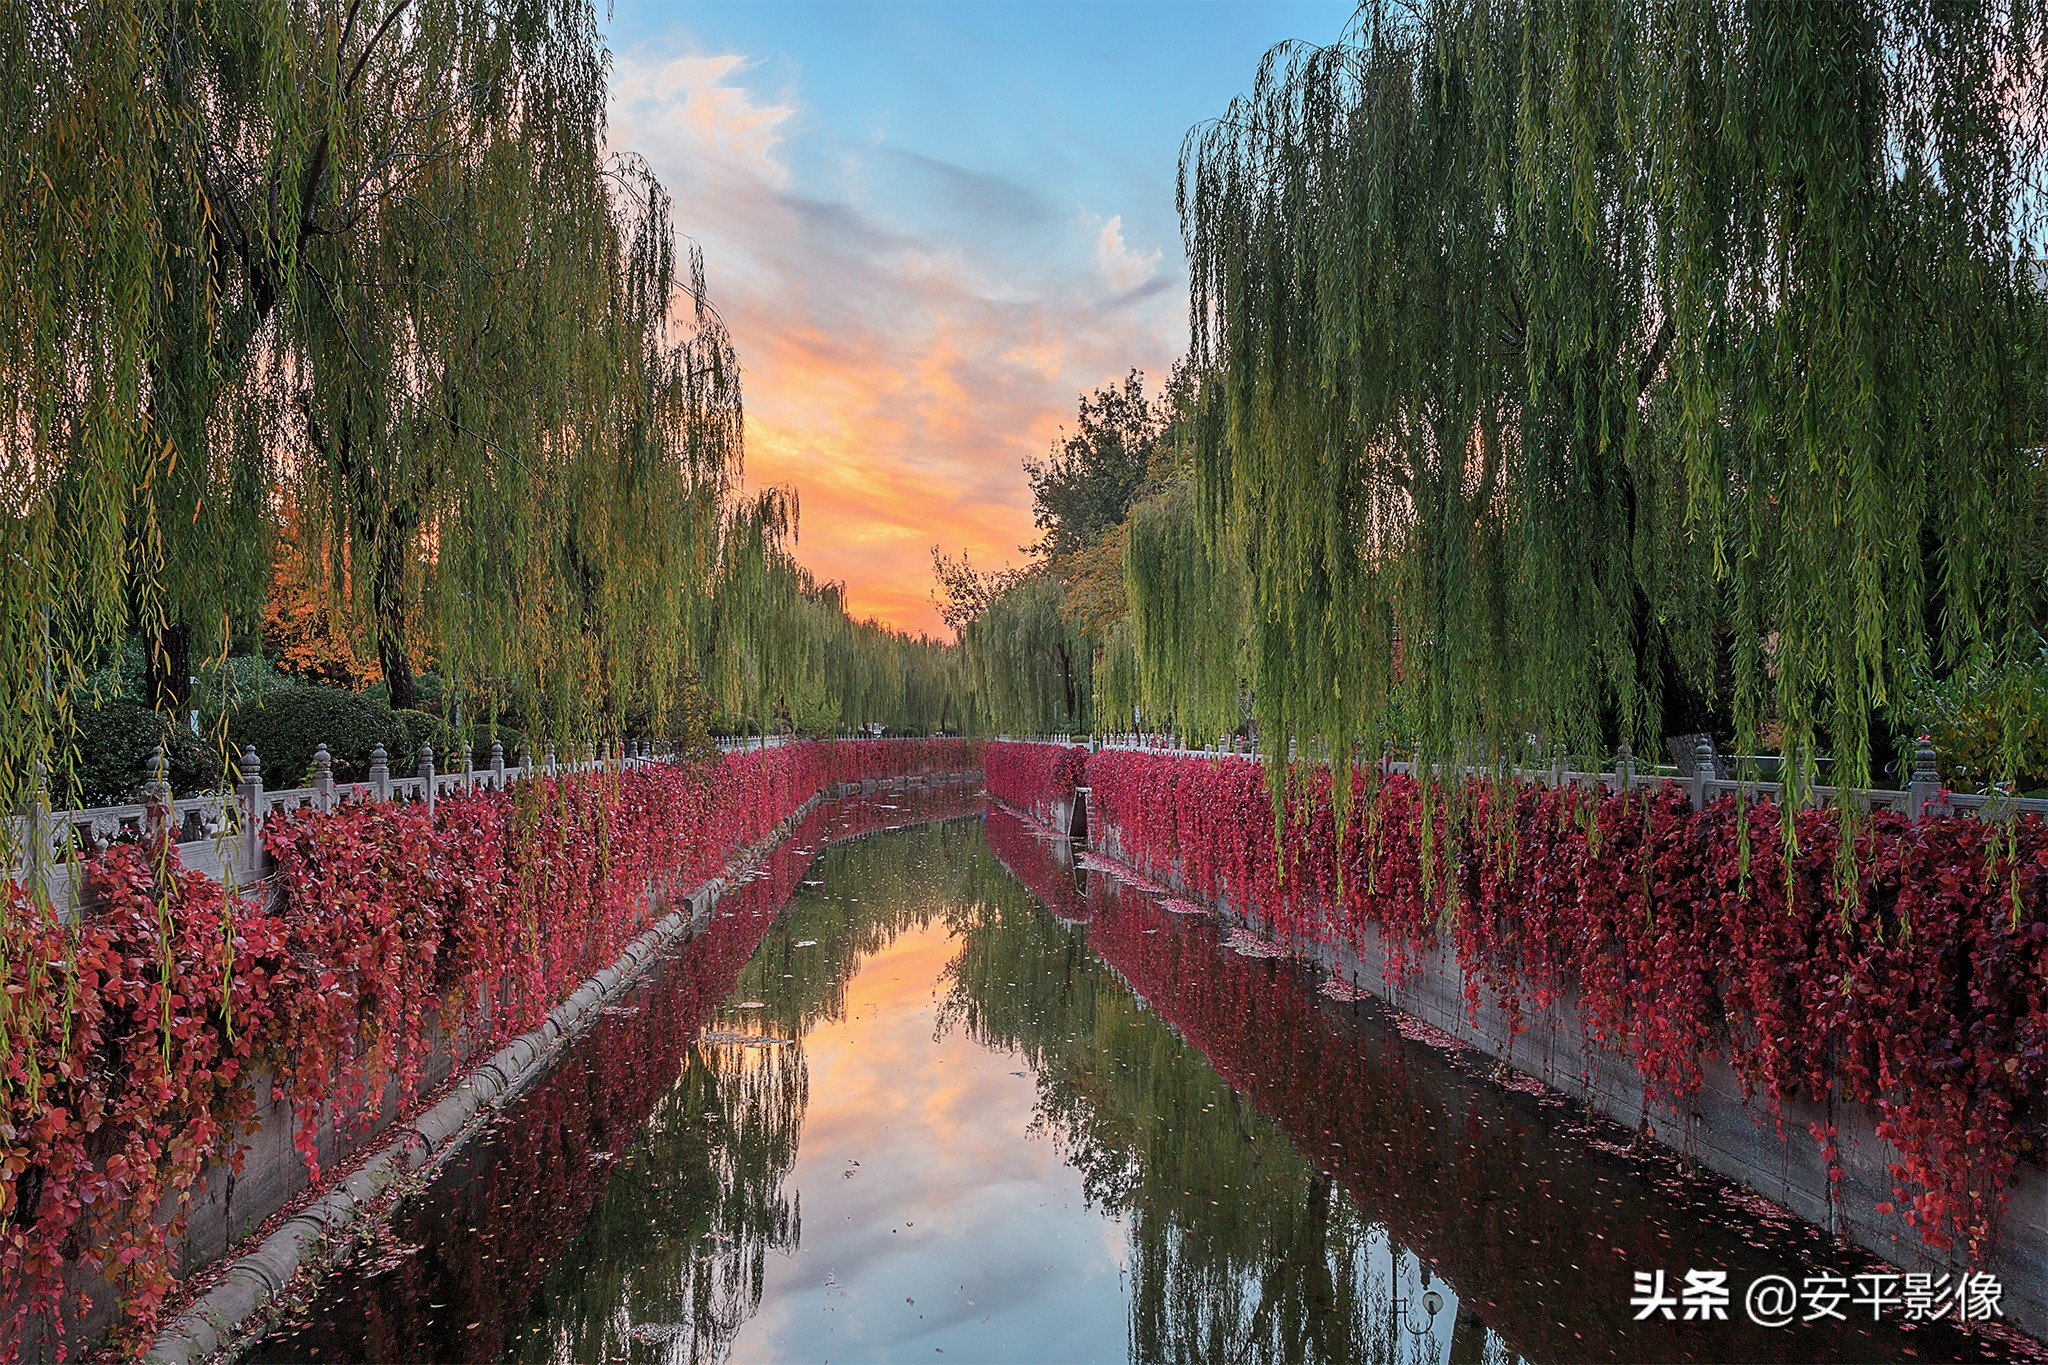 清华大学2020校园秋景,你能看出这些照片是在哪个位置拍的吗